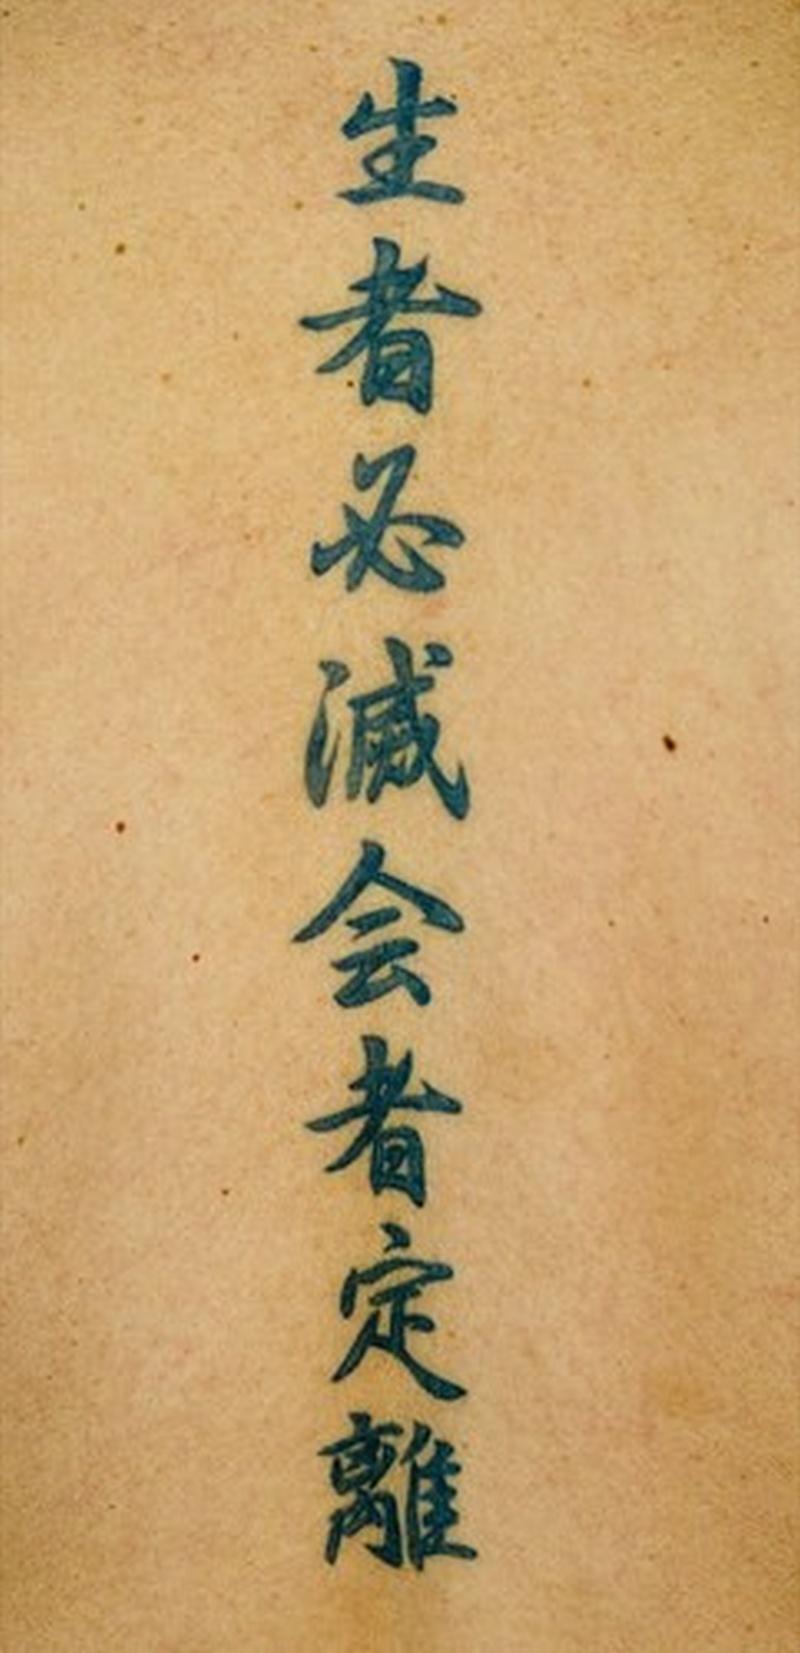 Татуировки иероглифы и их значения на русском Китай в мире 69